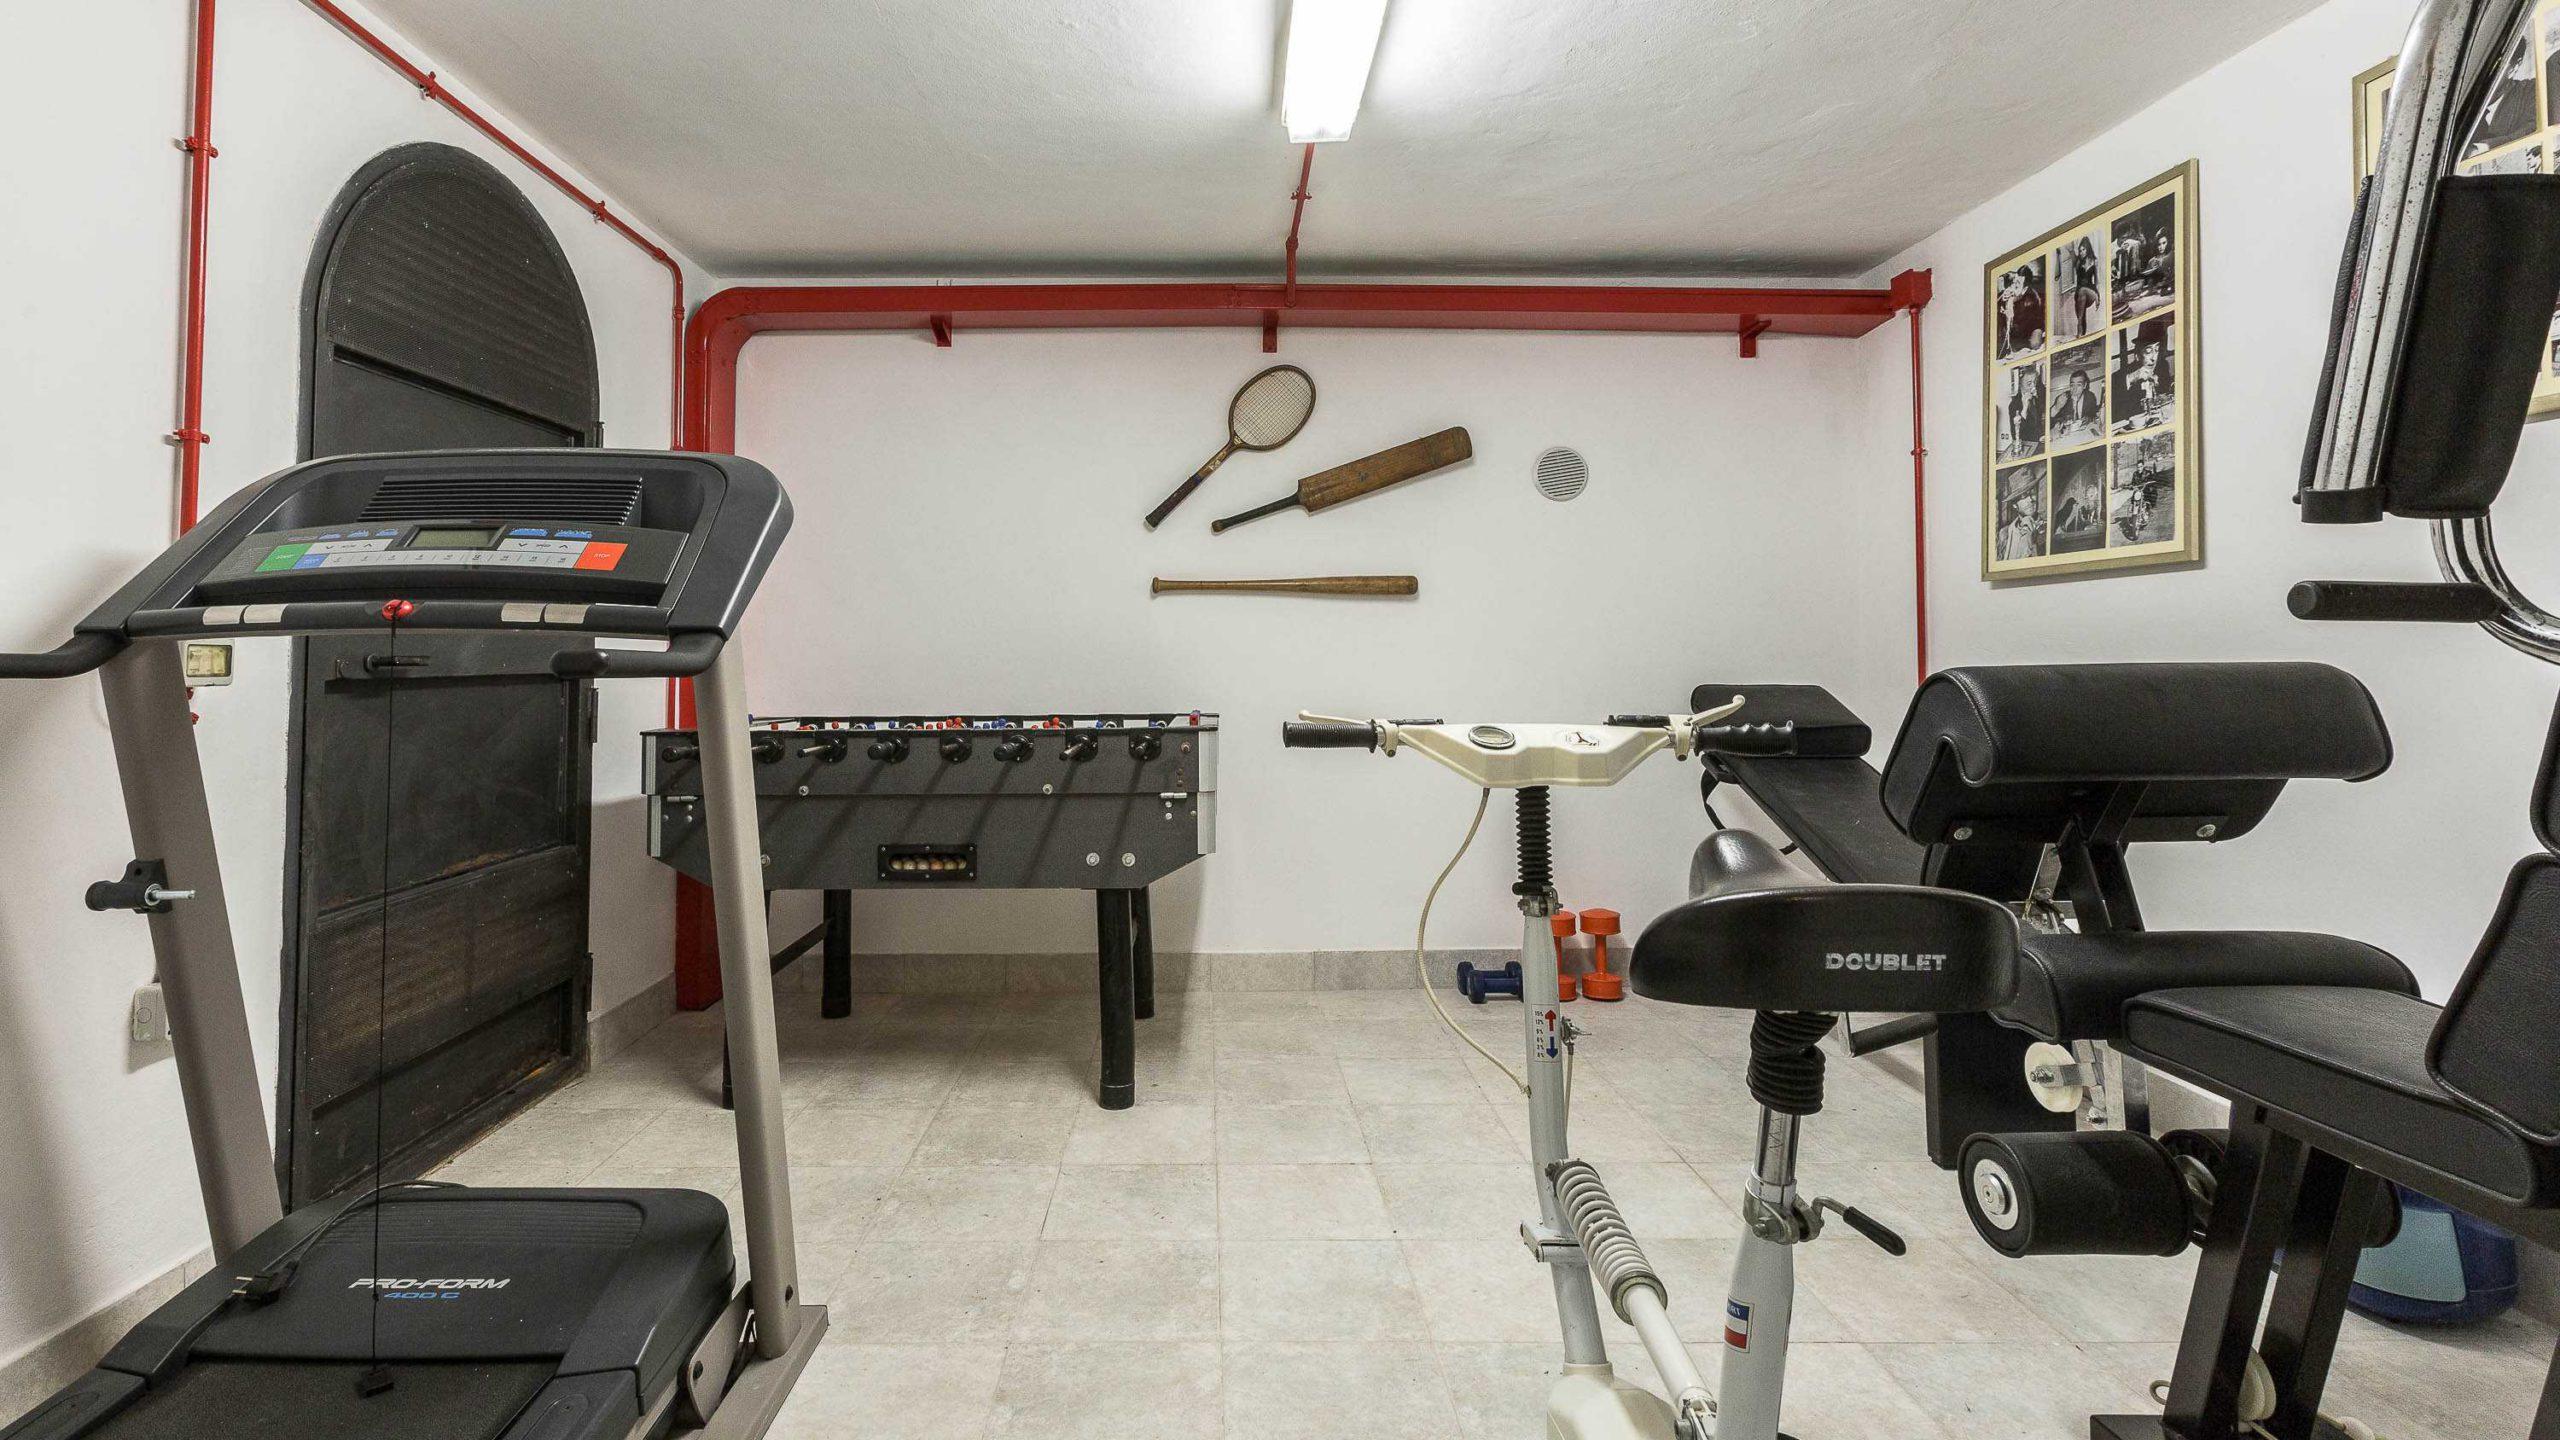 Villa dell' Angelo fitness